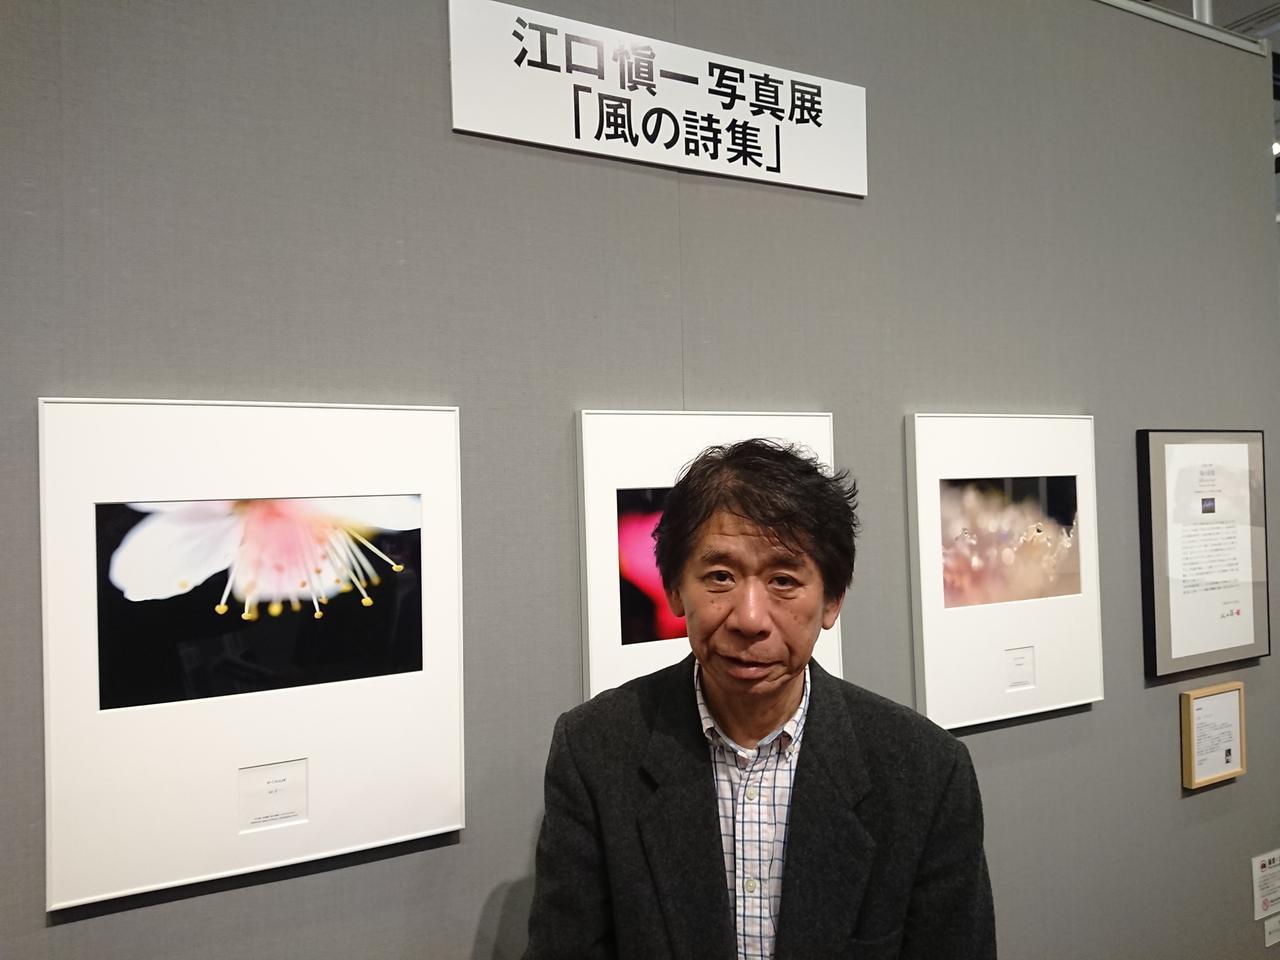 画像1: 江口慎一 写真展「風の詩集」 ●開催中~2019年2月21日(木) 於:富士フイルムフォトサロン 東京 スペース1